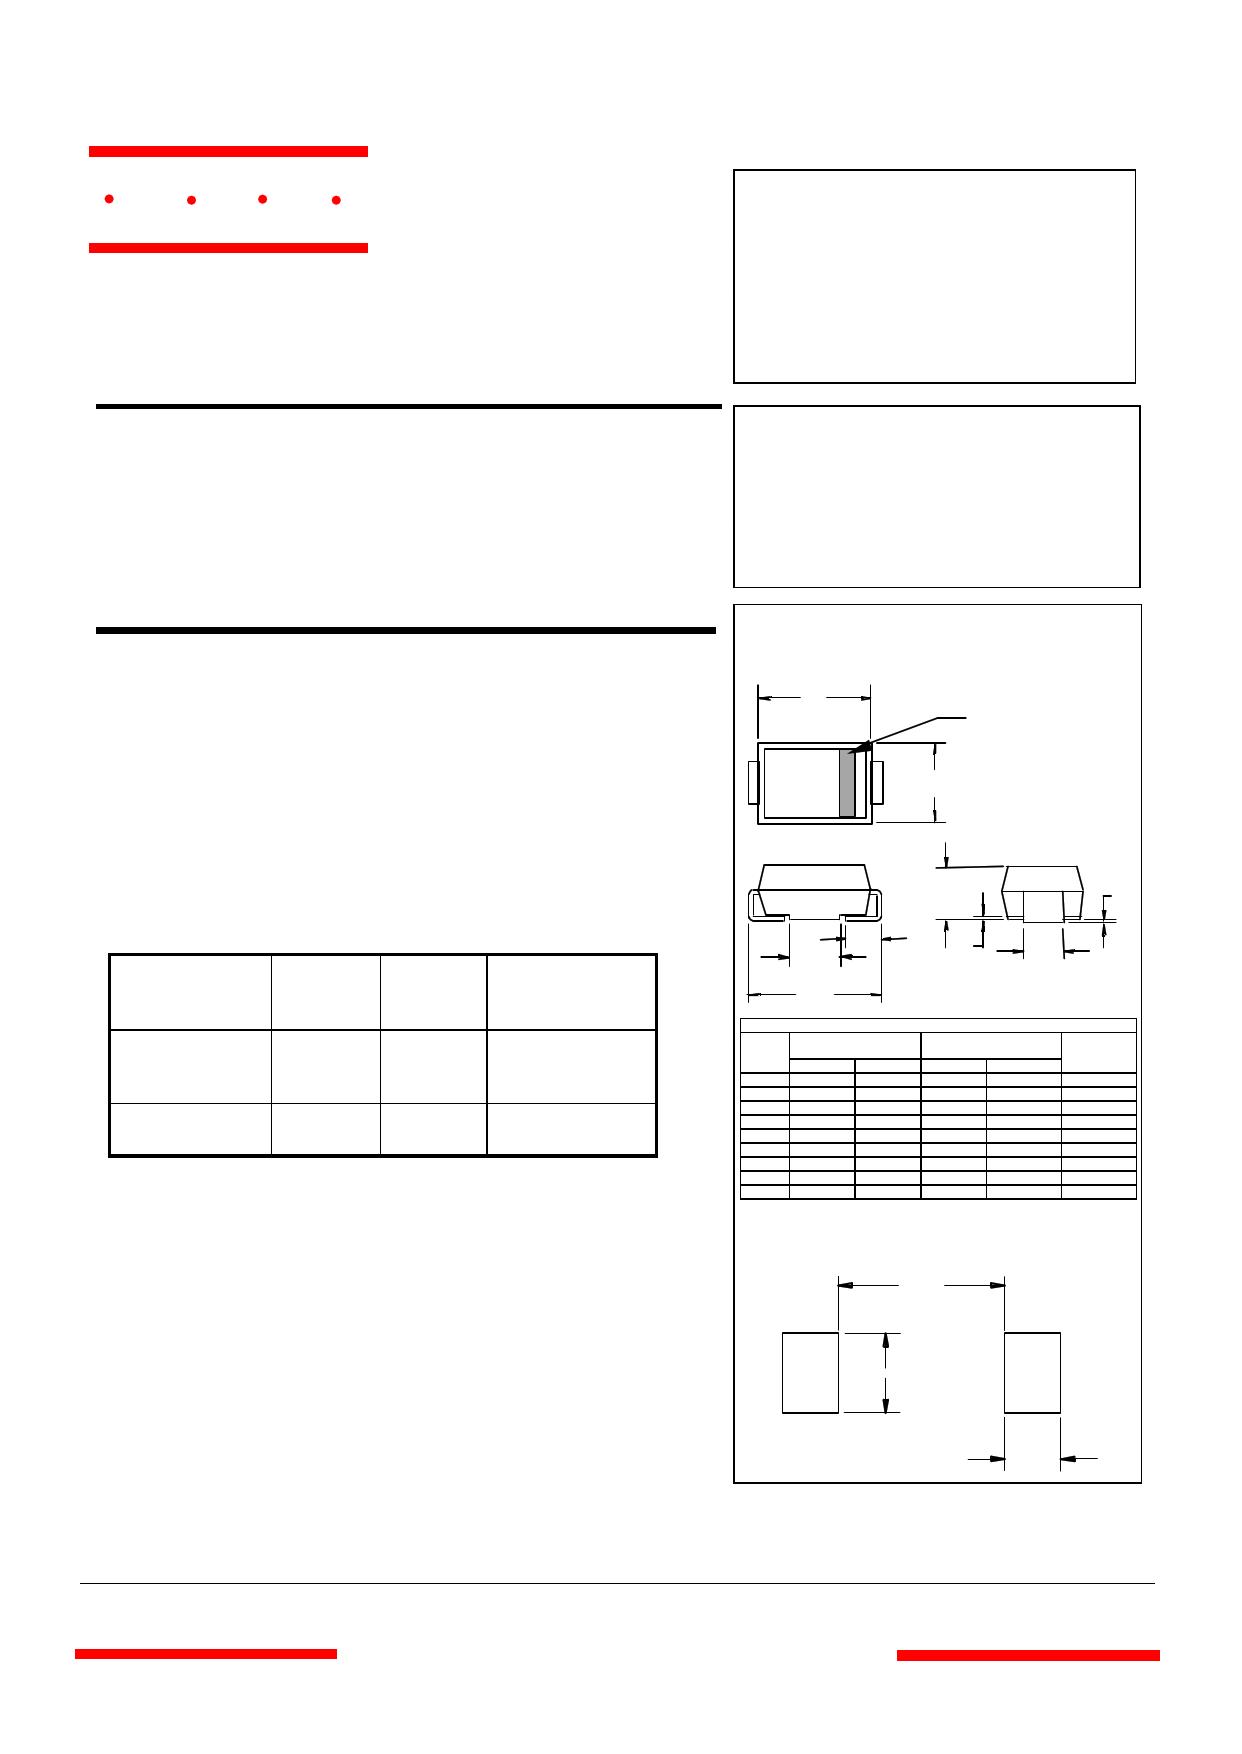 SMBJ5955 Datasheet, SMBJ5955 PDF,ピン配置, 機能